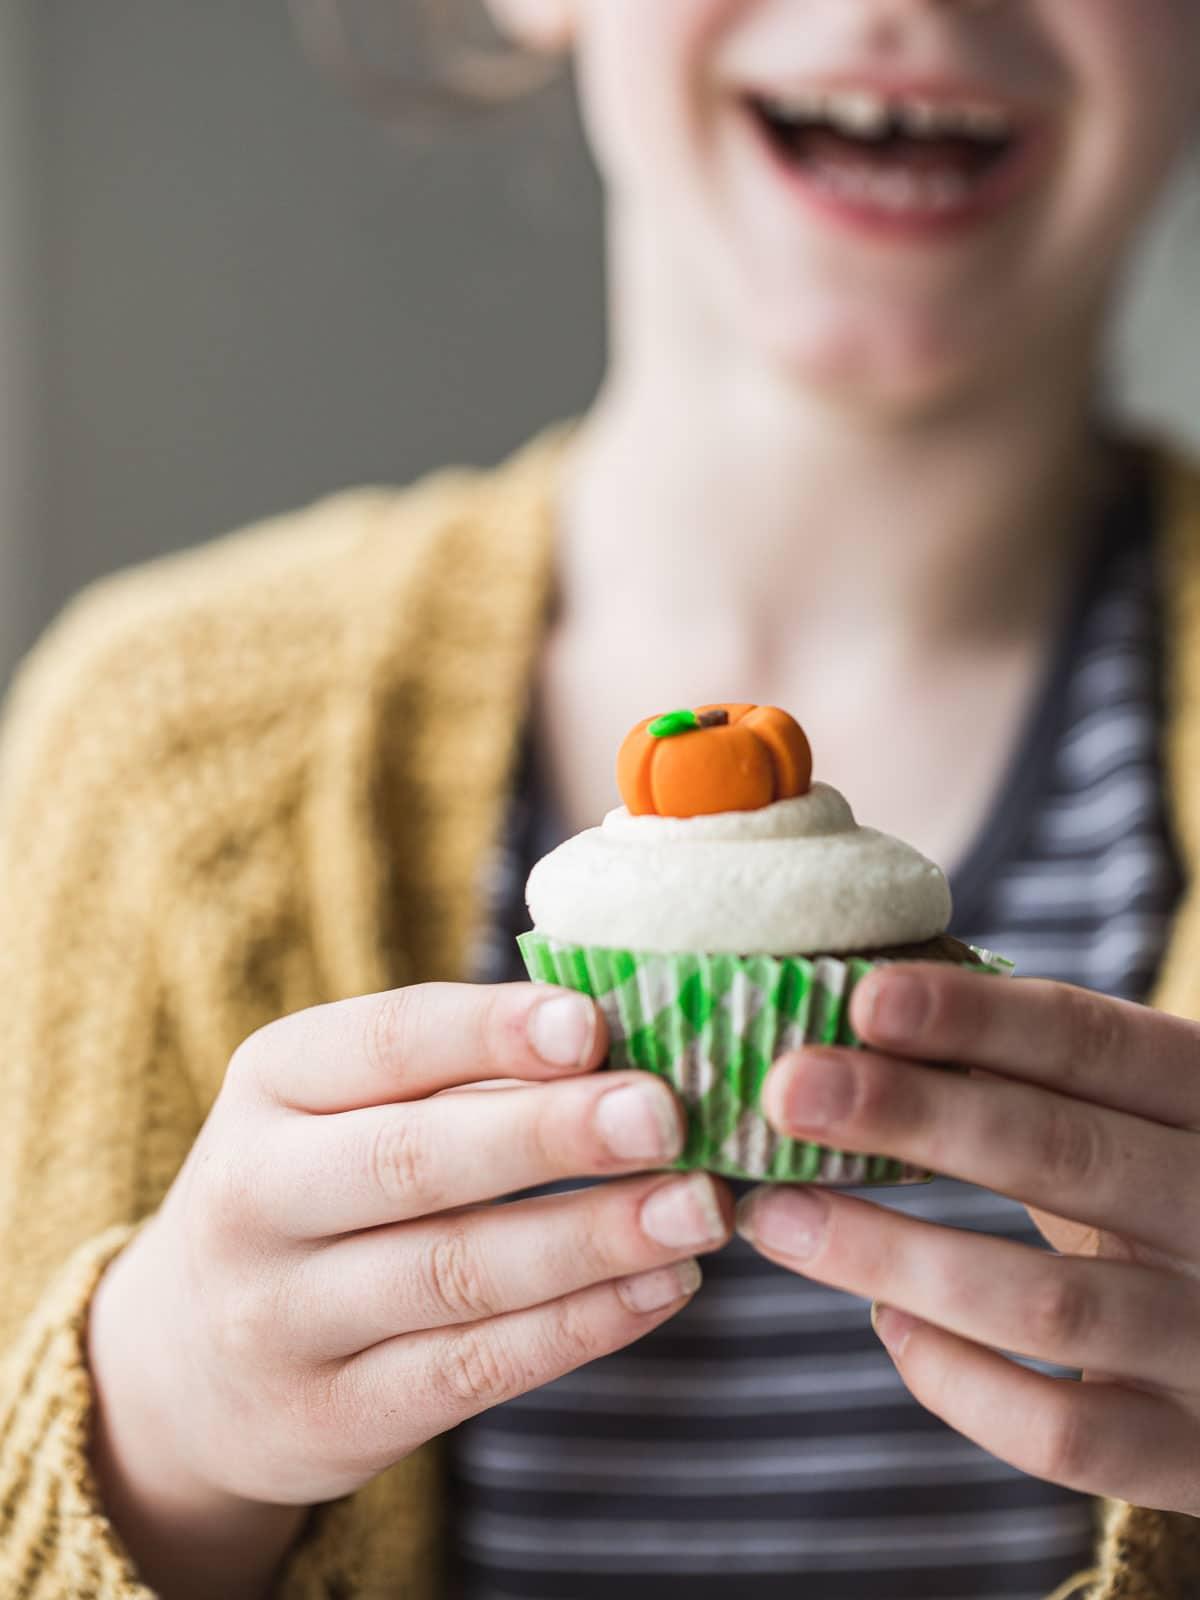 A little girl holding a pumpkin cupcake.